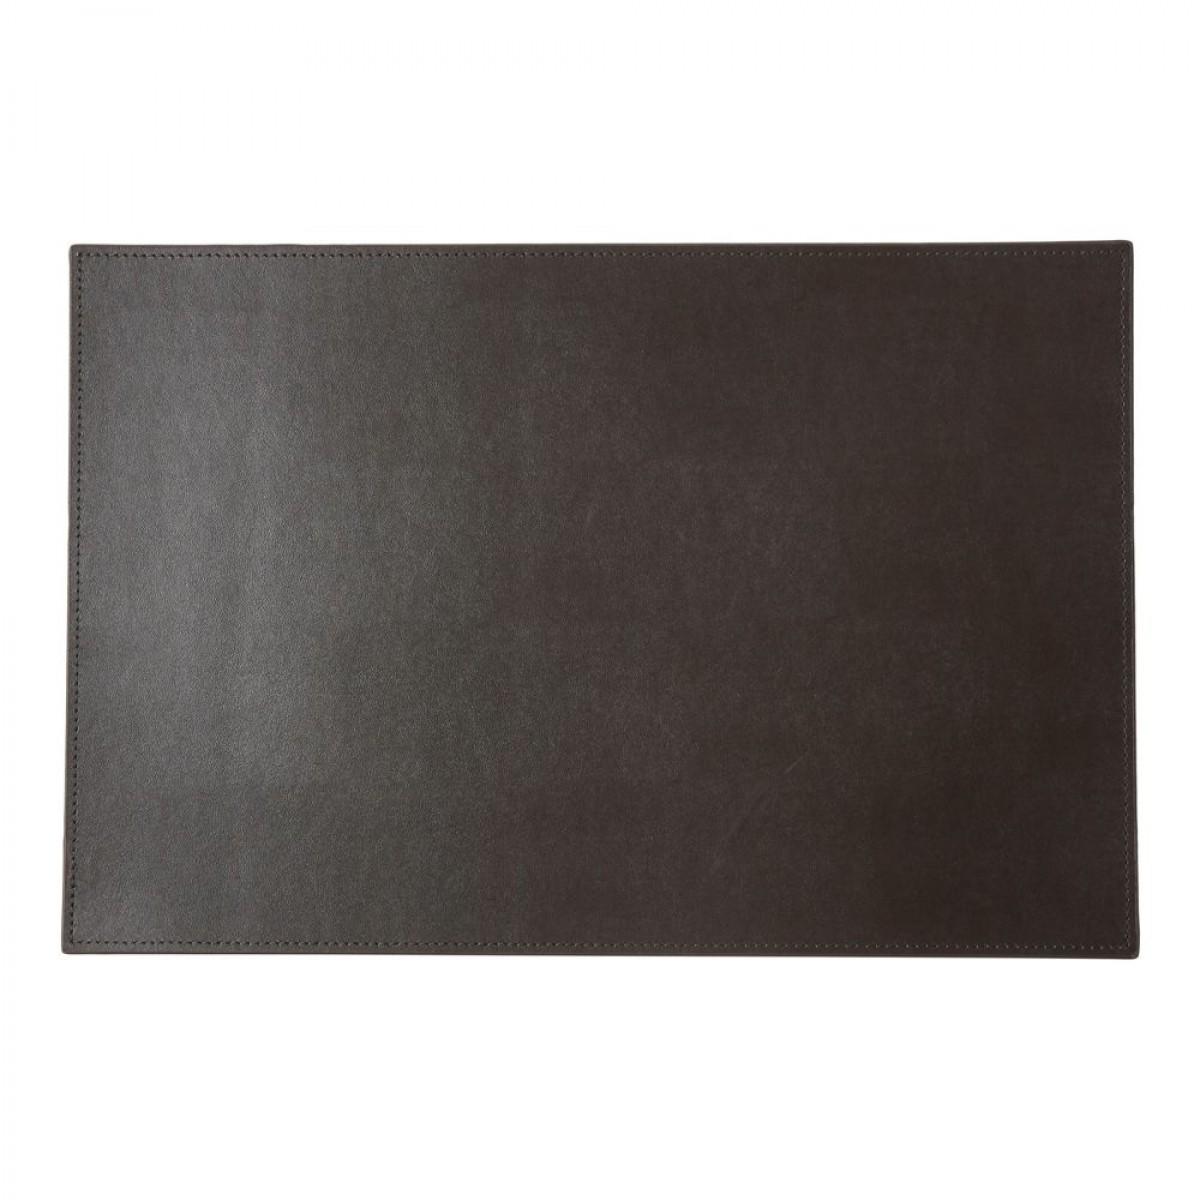 DACORE Dækkeserviet genbrugslæder firkantet mørke brun